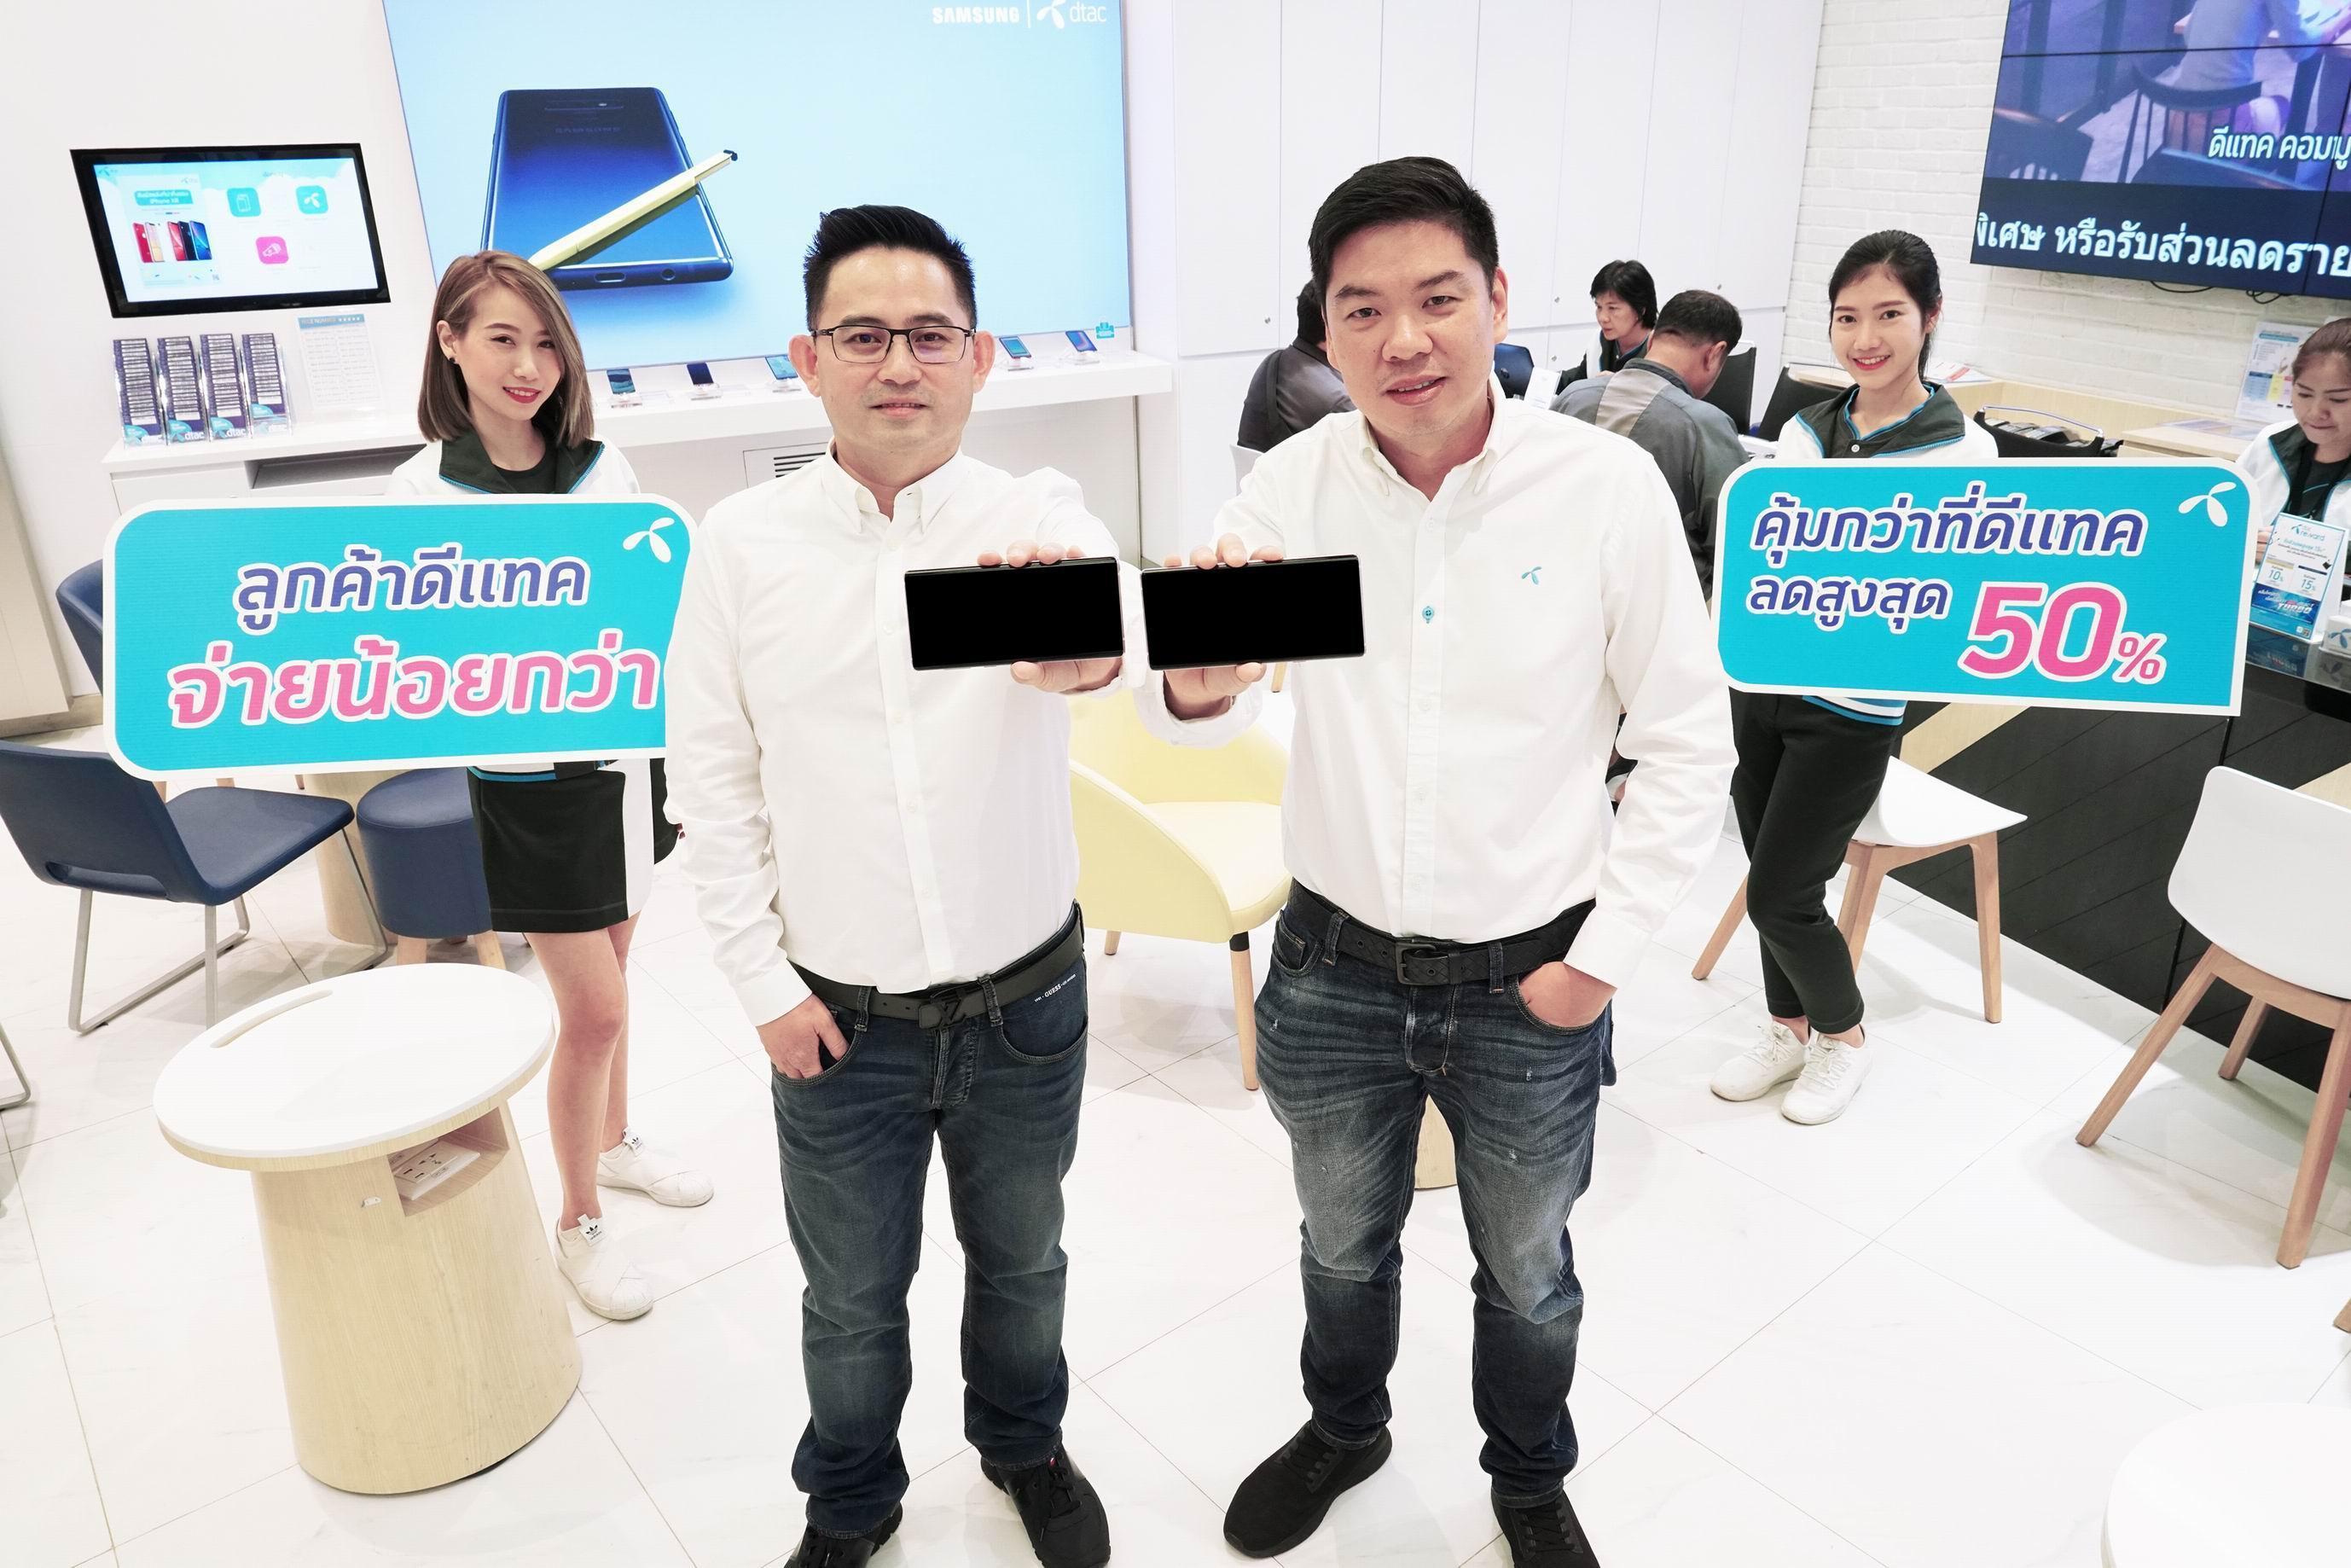 ดีแทคเปิดประสบการณ์สุดยอดสมาร์ทโฟน Galaxy S10 และ S10+ ให้แฟนซัมซุงได้จองก่อนใคร ตั้งแต่วันที่ 21 ก.พ. – 4 มี.ค นี้ พร้อมรับส่วนลดค่าเครื่องสูงสุดถึง 50%